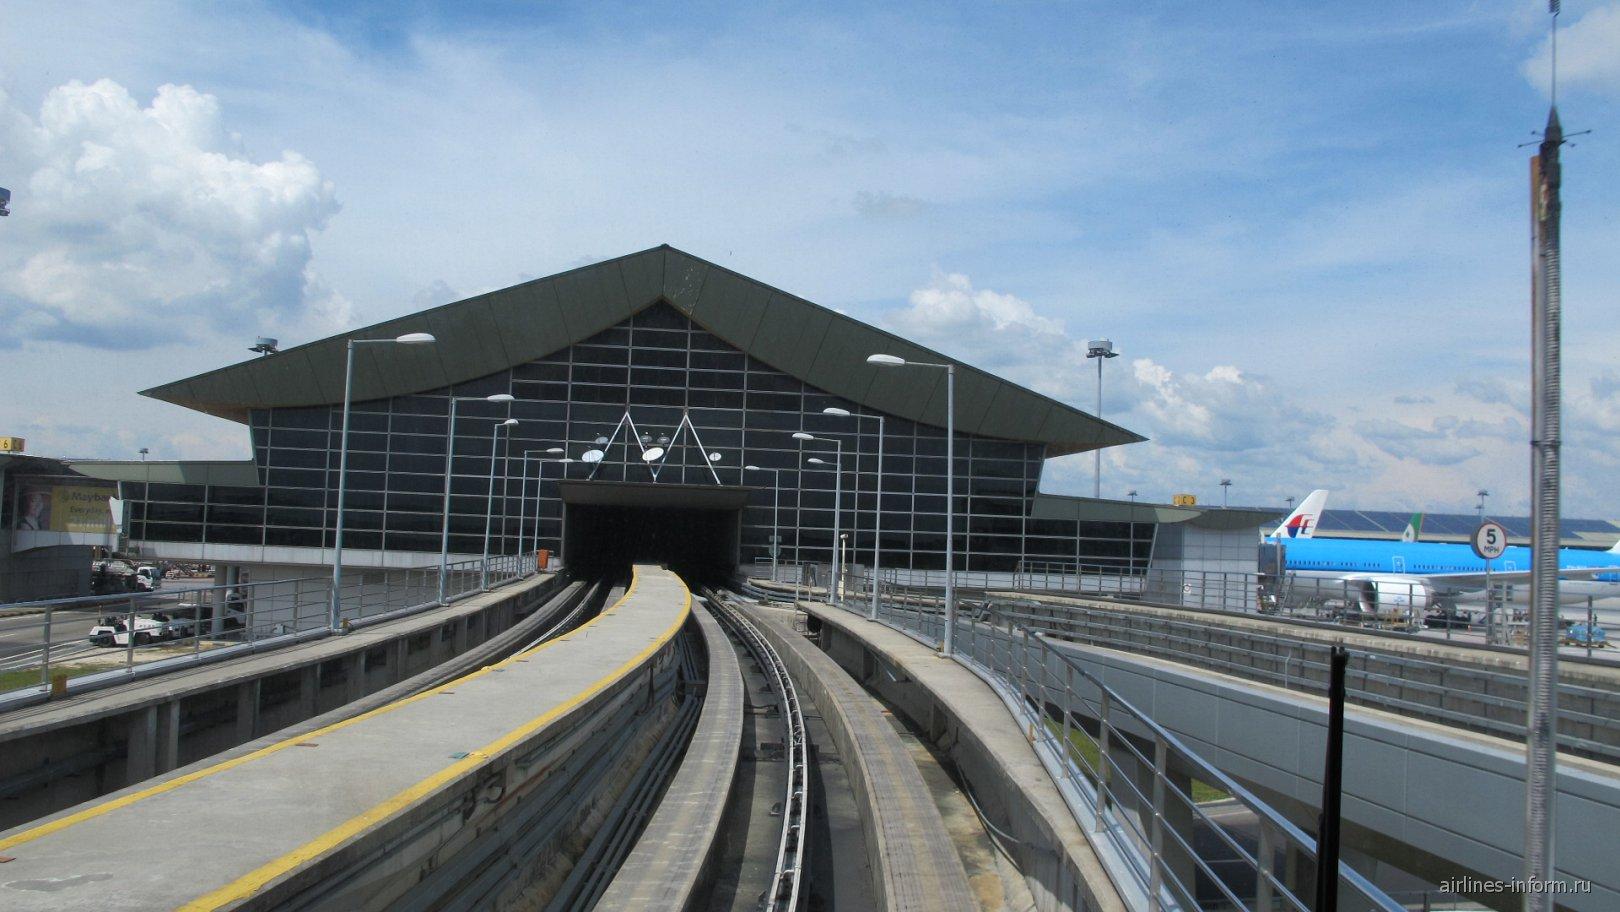 Терминал-спутник в аэропорту Куала-Лумпур